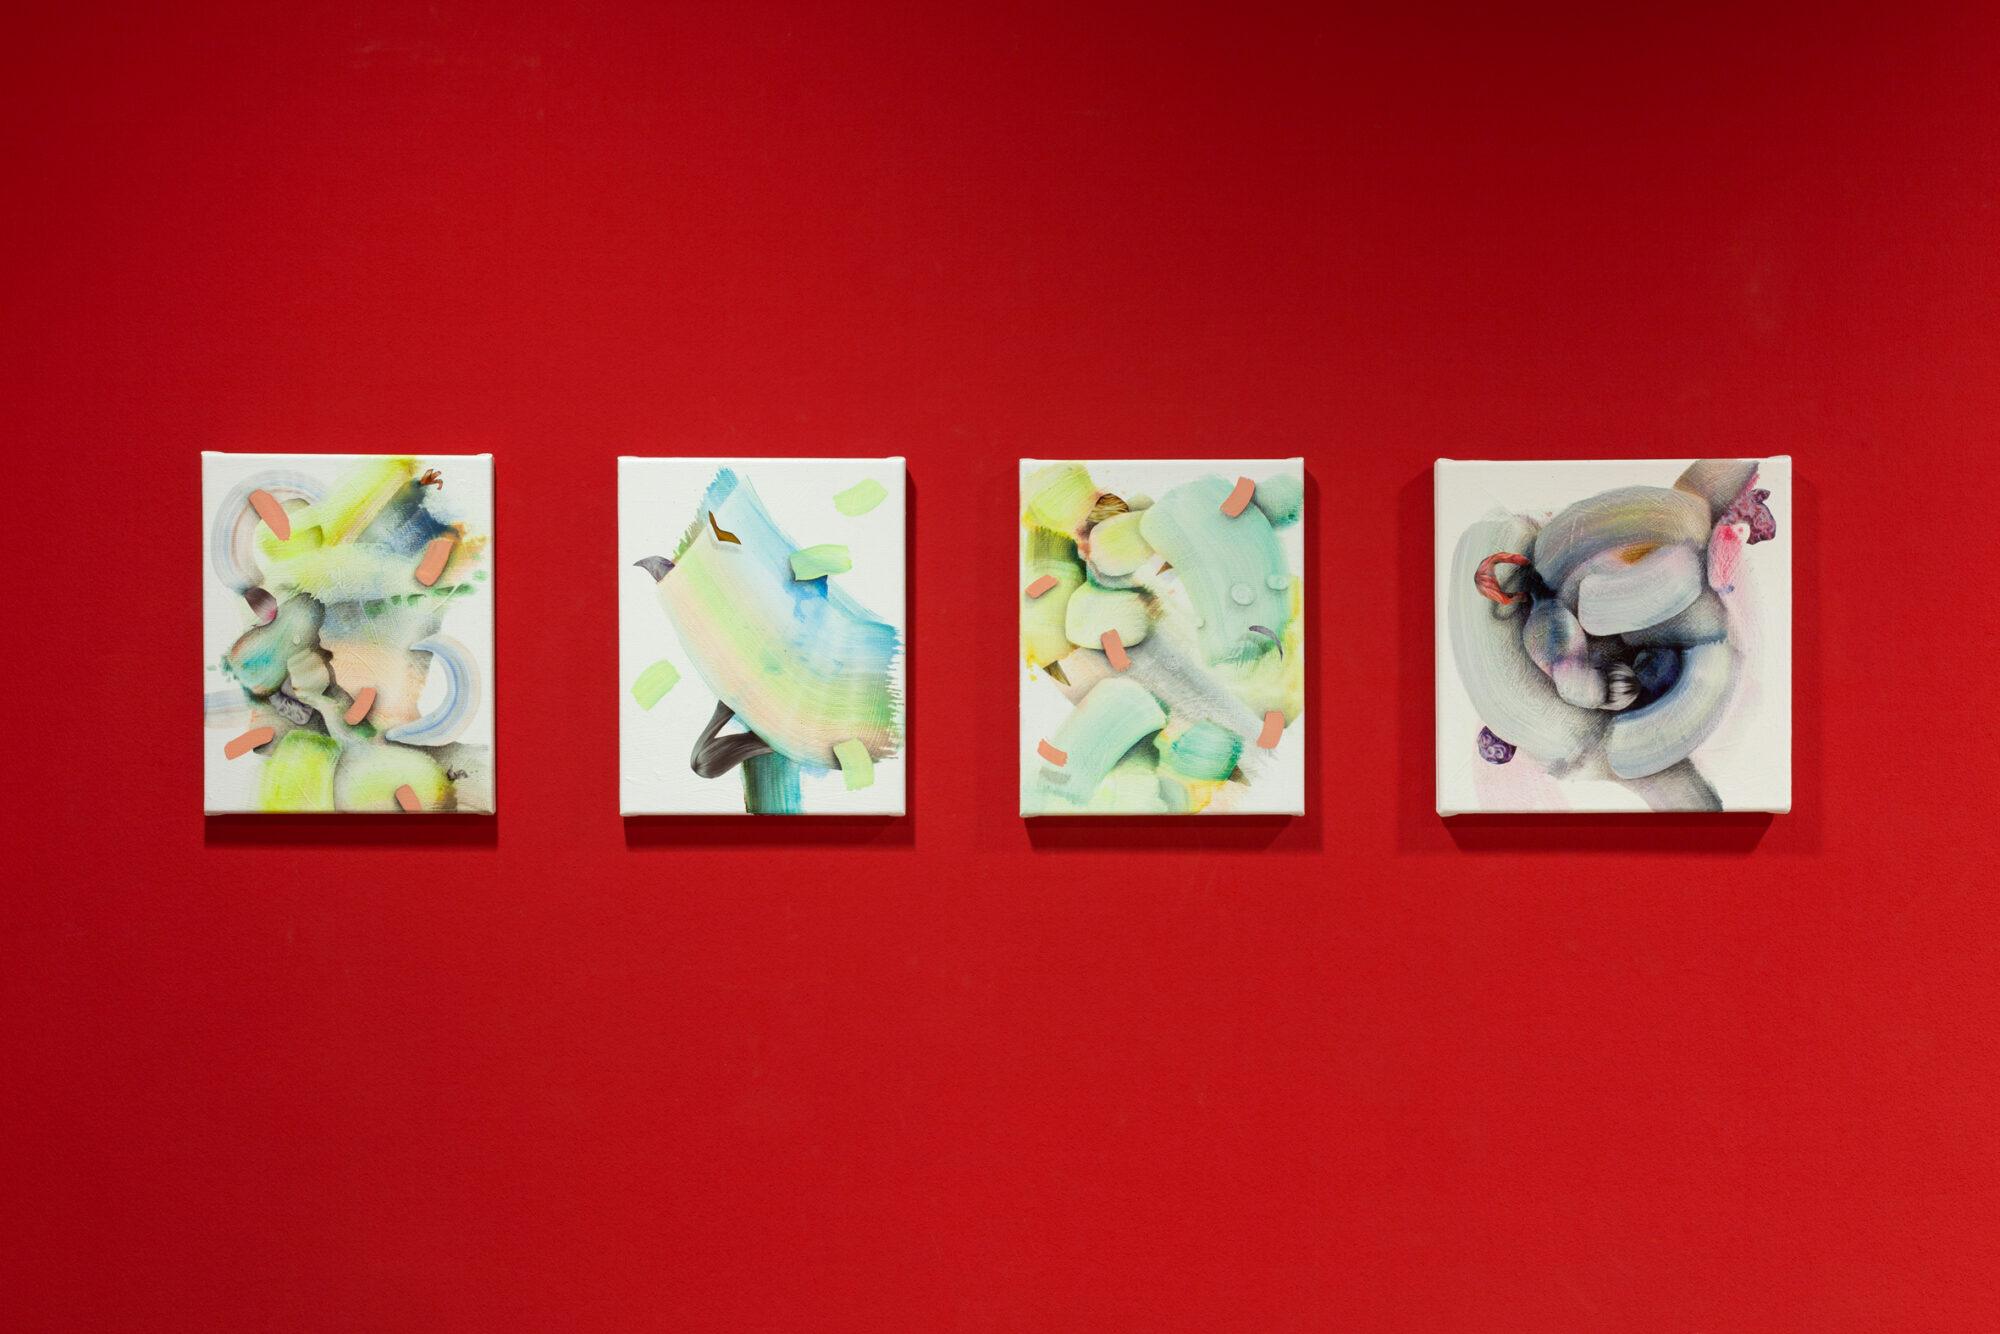 »morphing«, Johanna Flammer, Paul Schwer, Neue Galerie Gladbeck, 2020 © Hanne Brandt